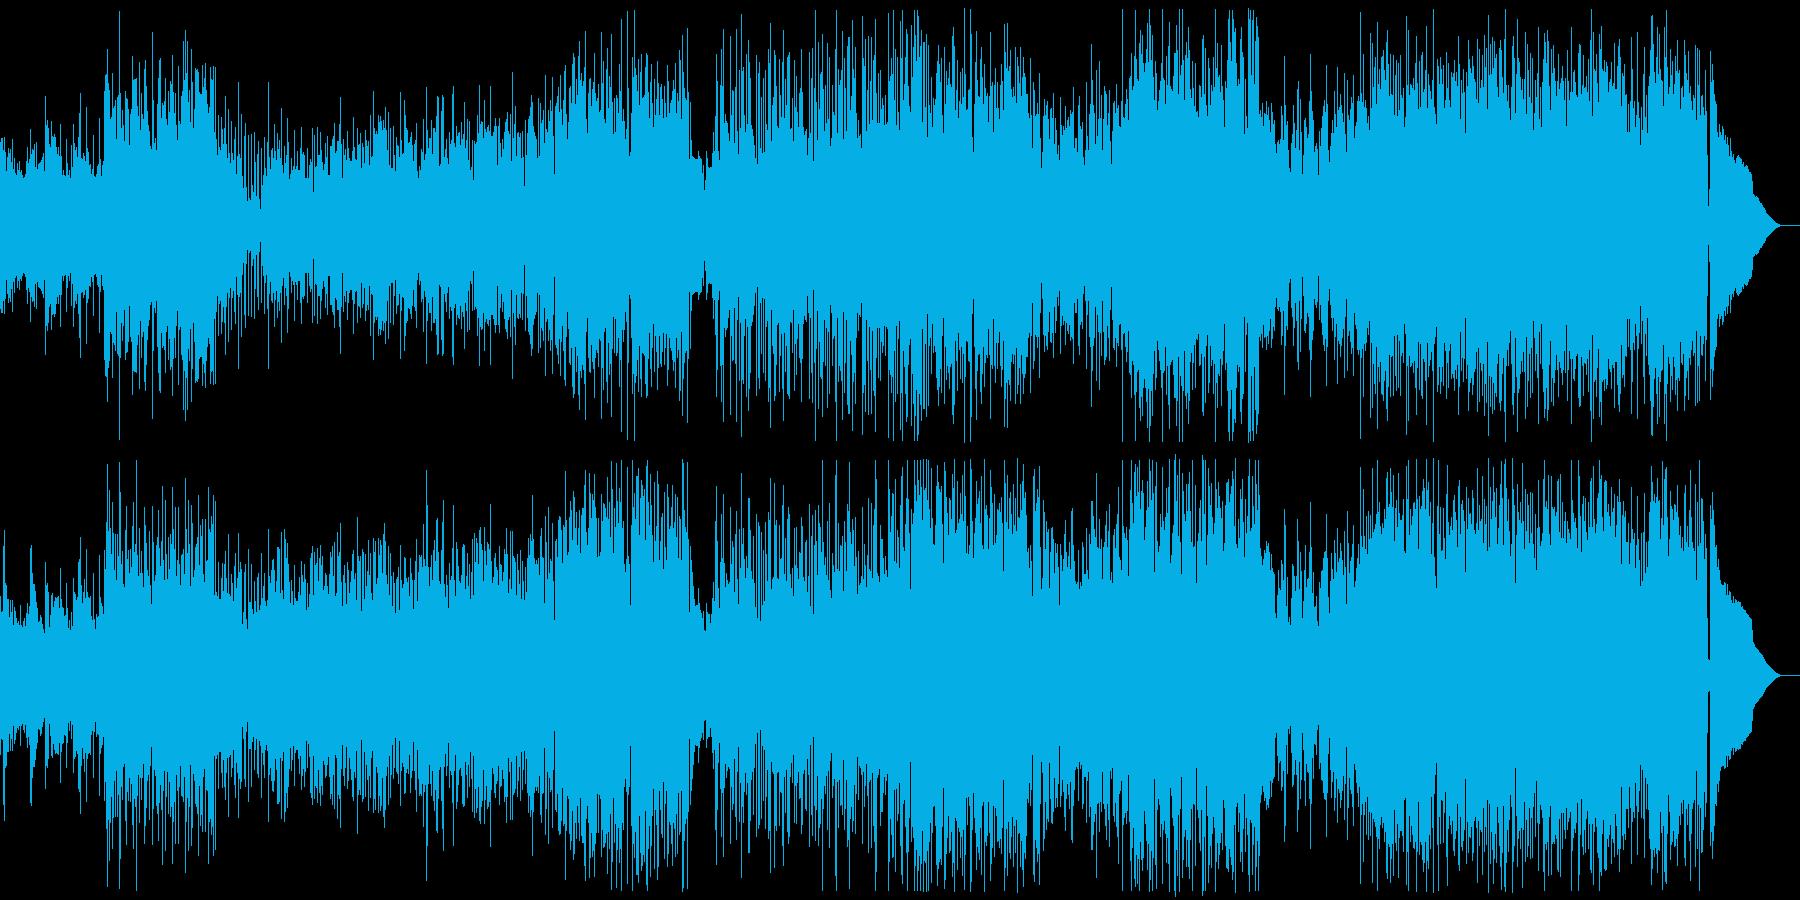 ケルト要素の入ったアコースティックロックの再生済みの波形